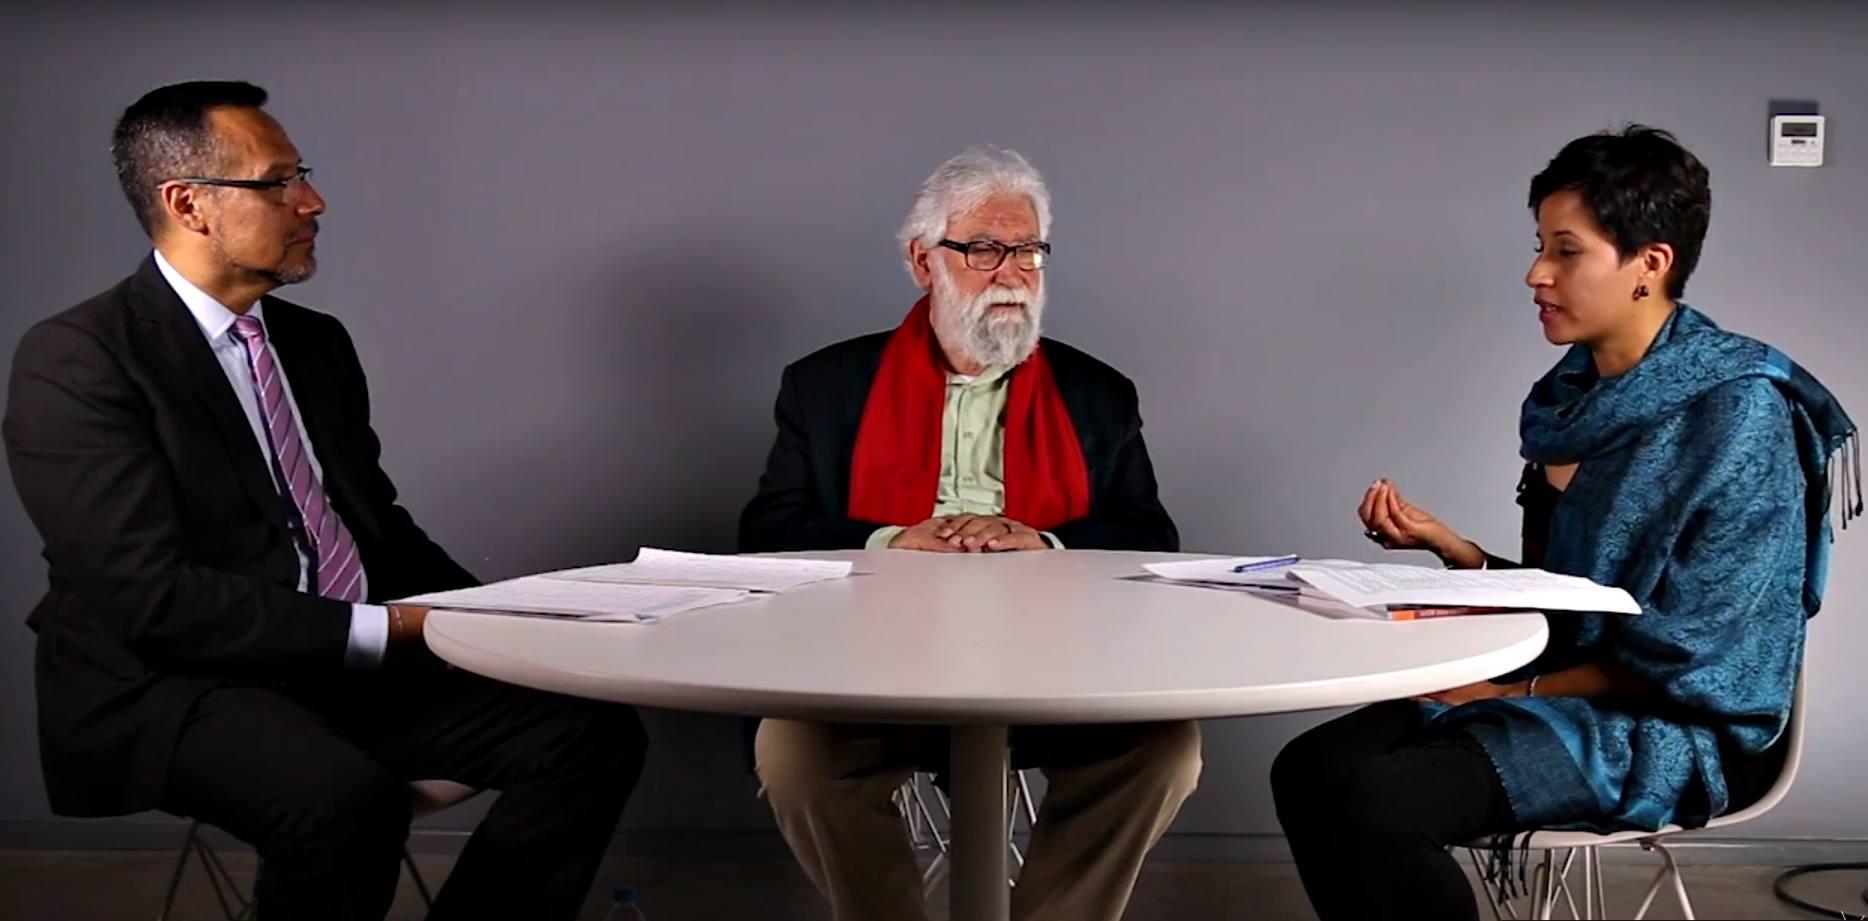 Entrevista a Leonardo Boff para Ibero TV